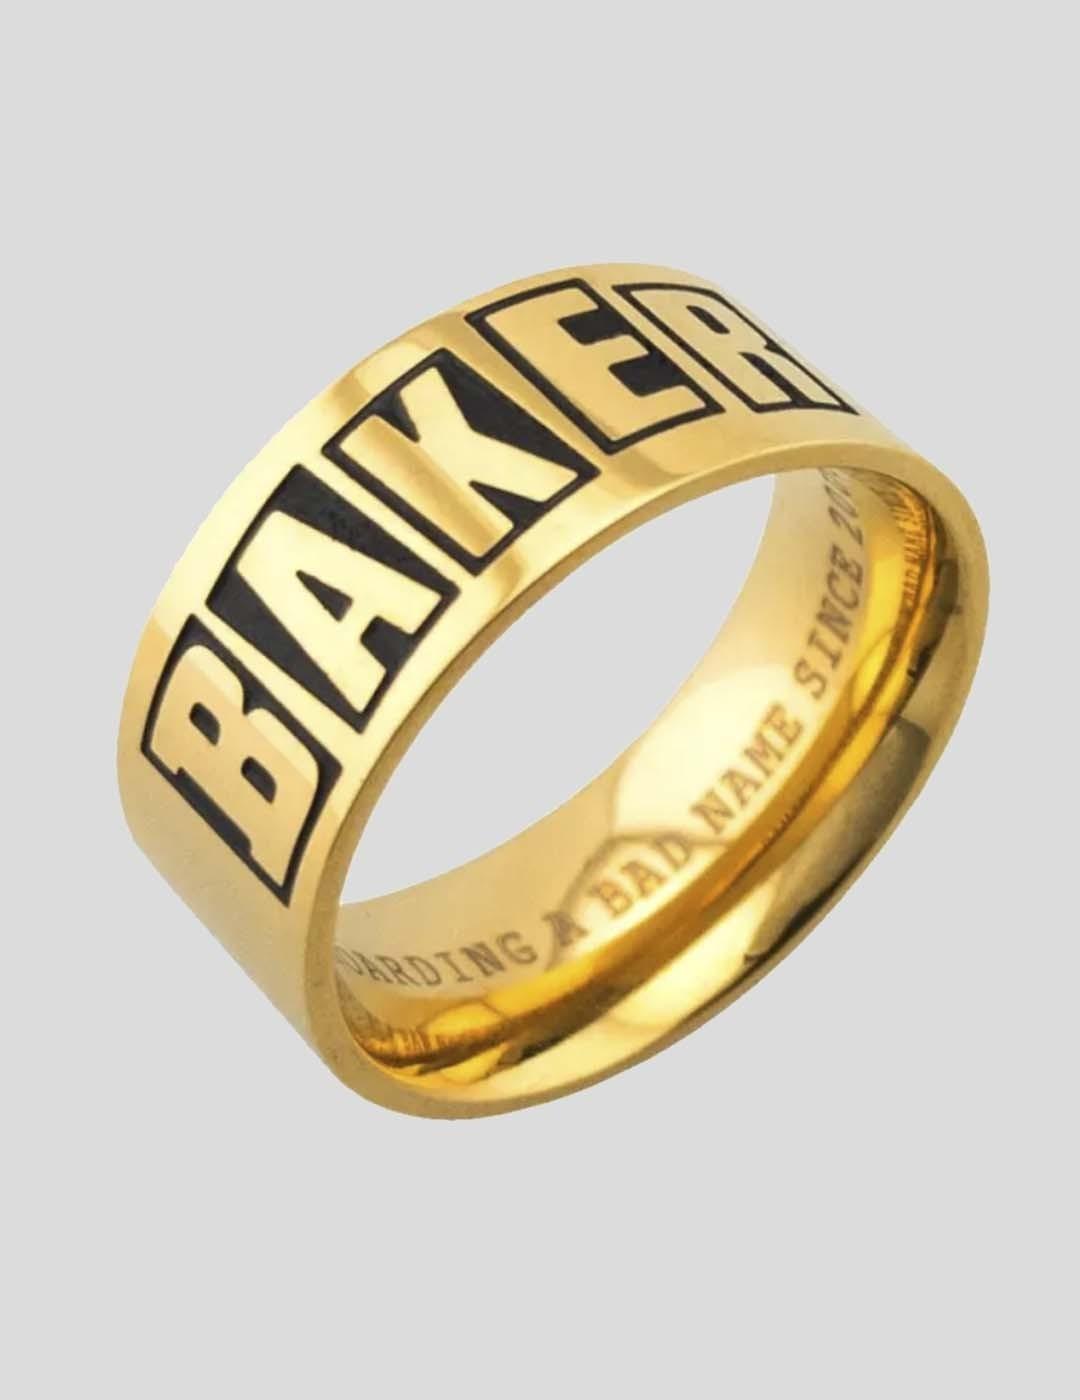 ANILLO BAKER BRAND LOGO GOLD RING  GOLD